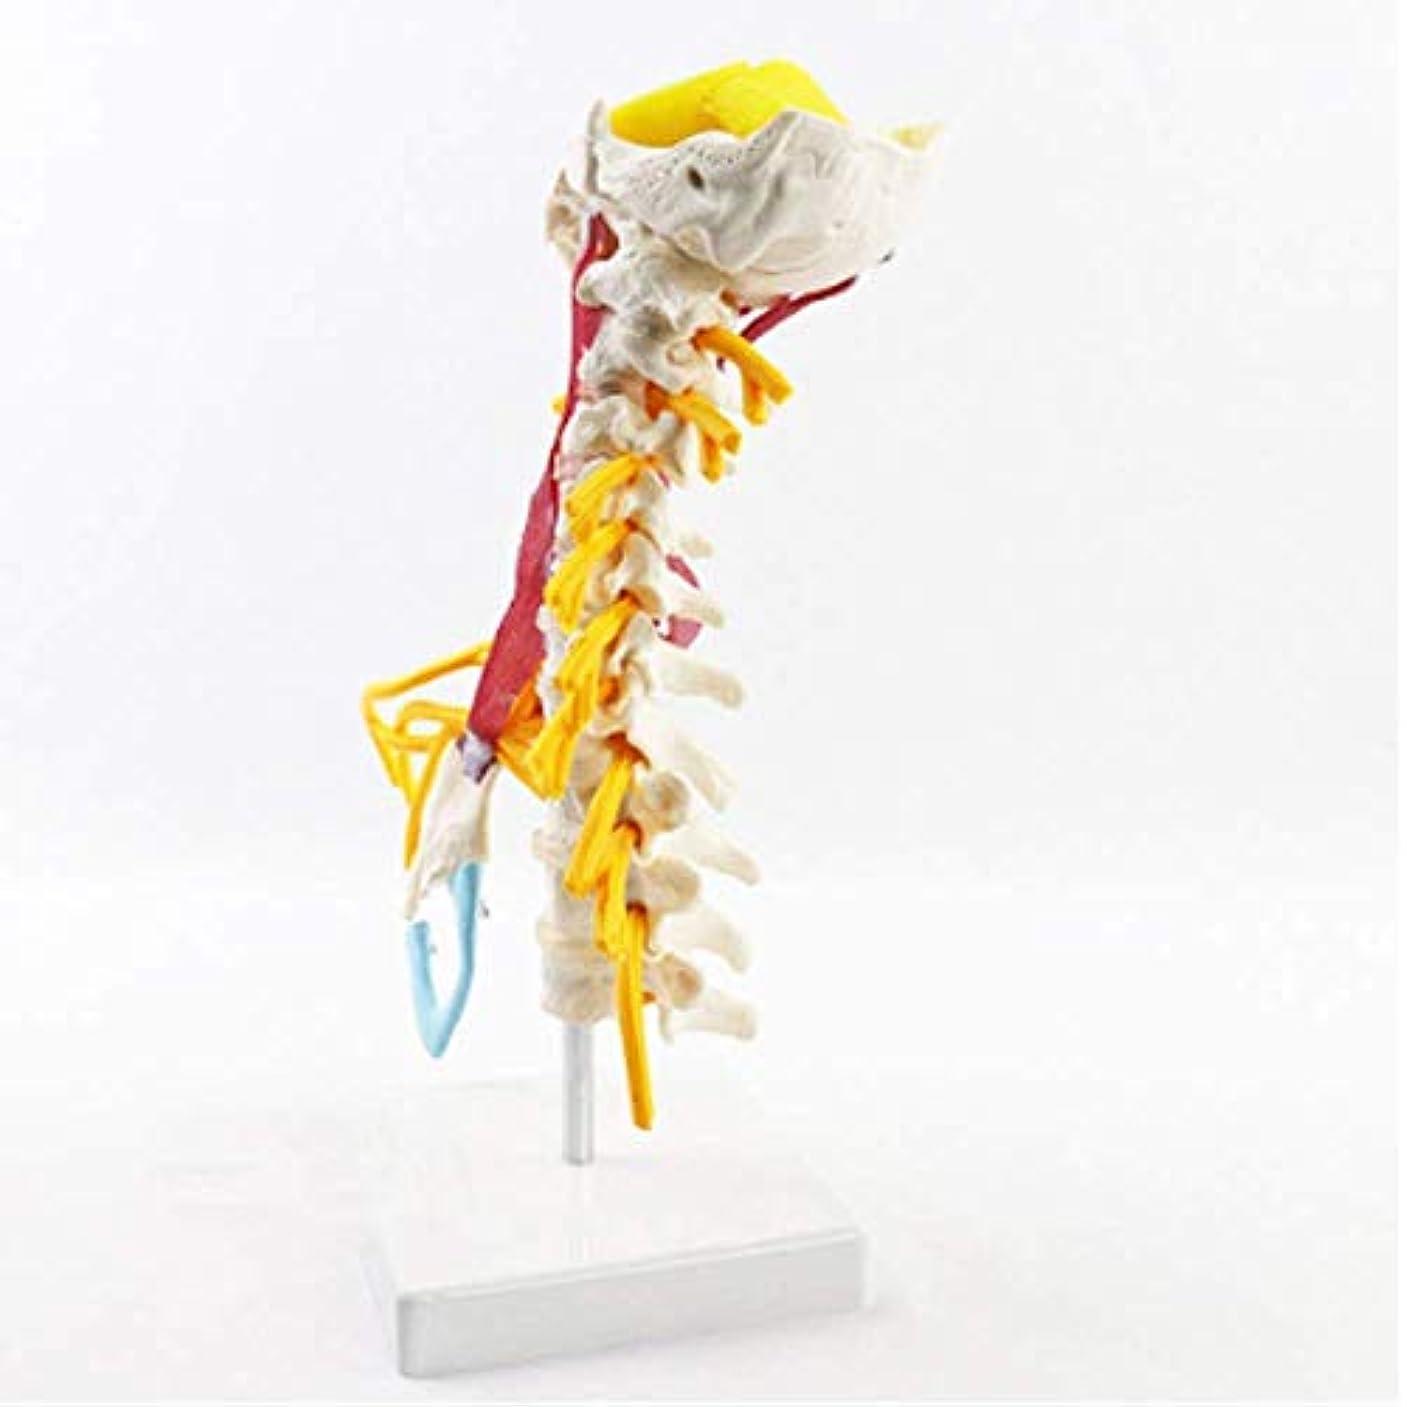 非アクティブ下にオートメーション医療人間の頸椎モデル上腕神経叢筋モデル解剖学的身体神経医学教育用補助具のための整形外科スケルトンモデル人体教育モデル